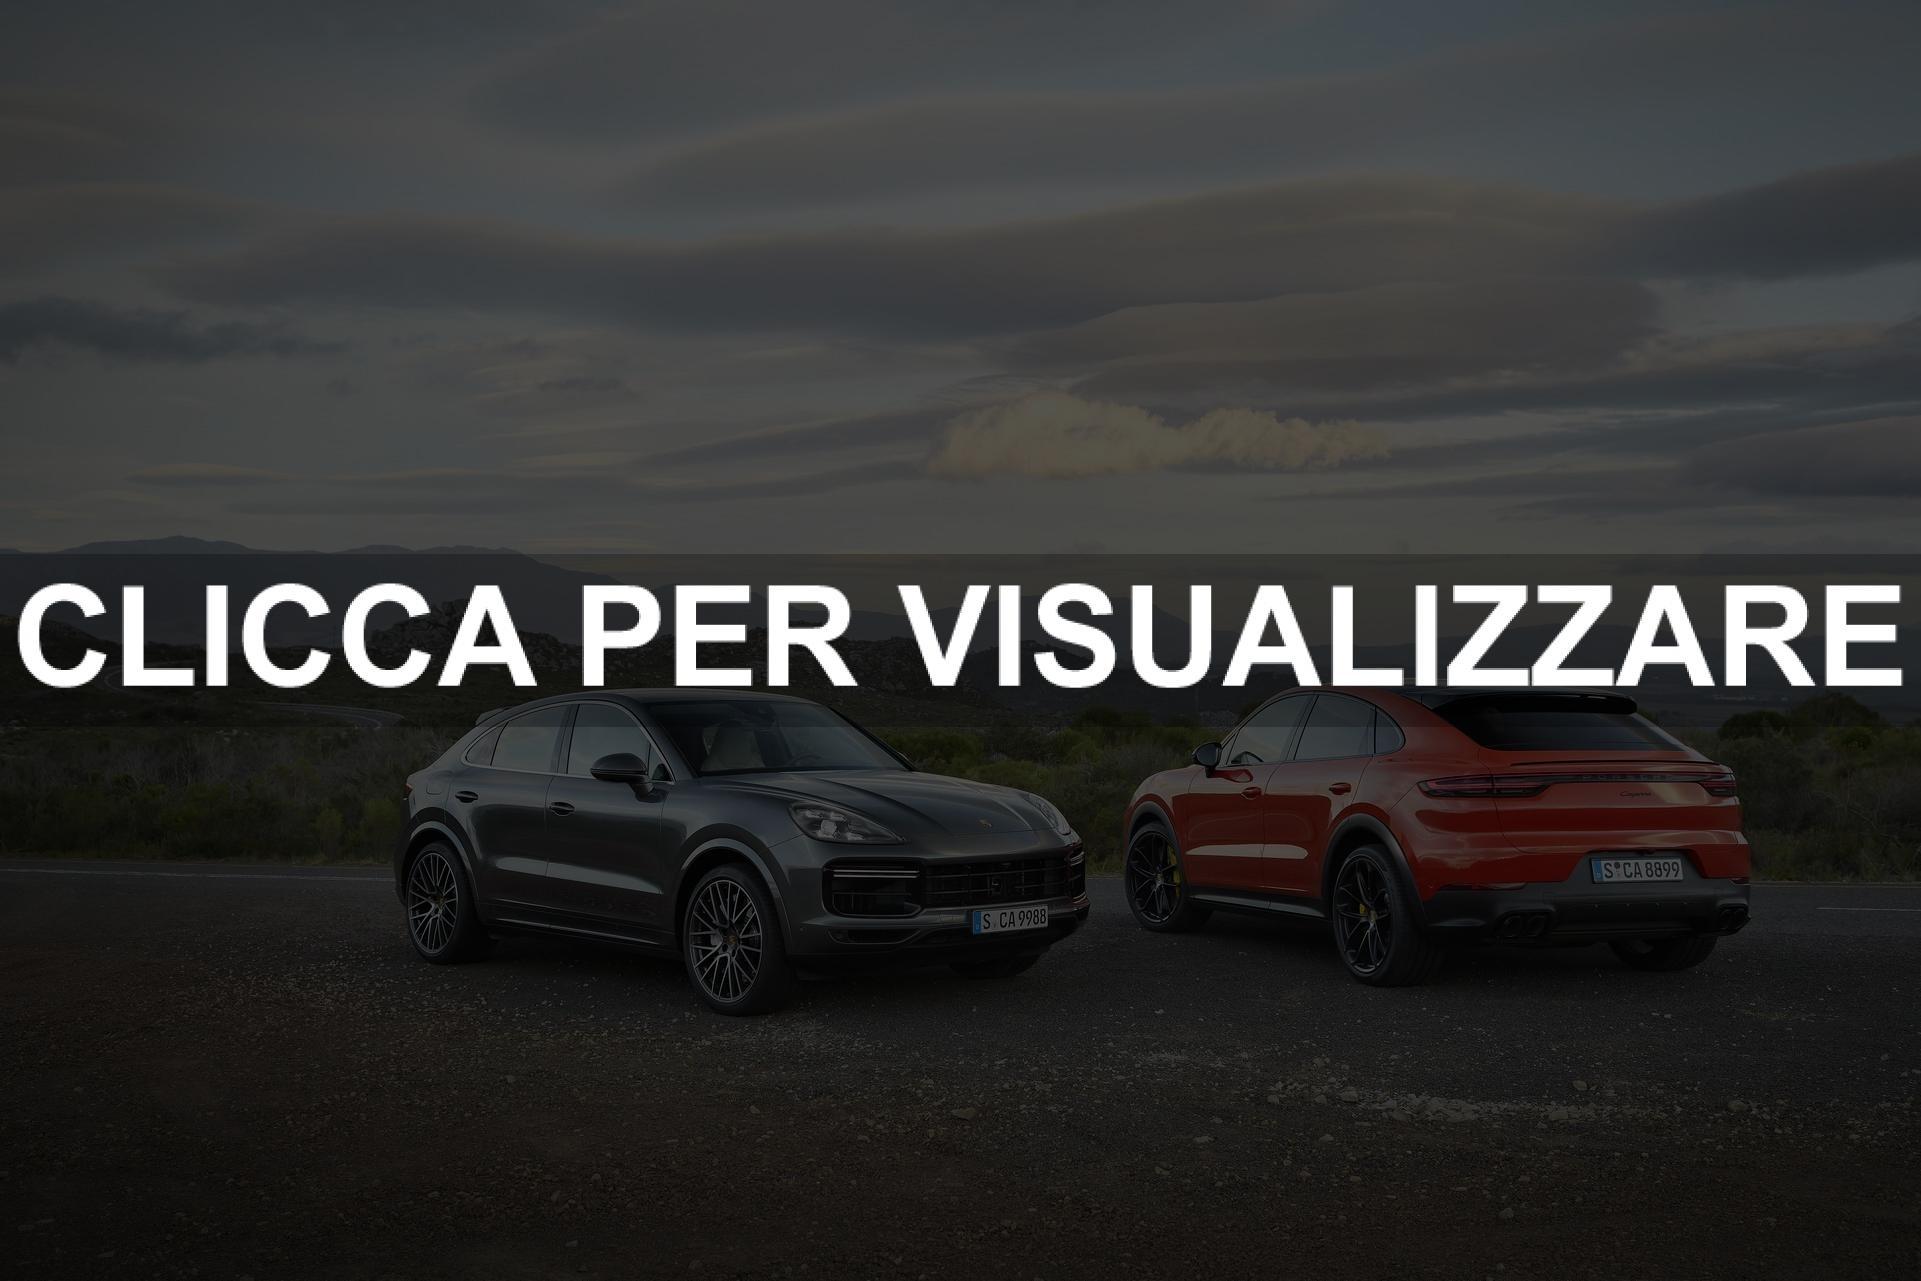 Dimensioni e Motori nuova Porsche Cayenne Turbo in uscita a maggio 2019